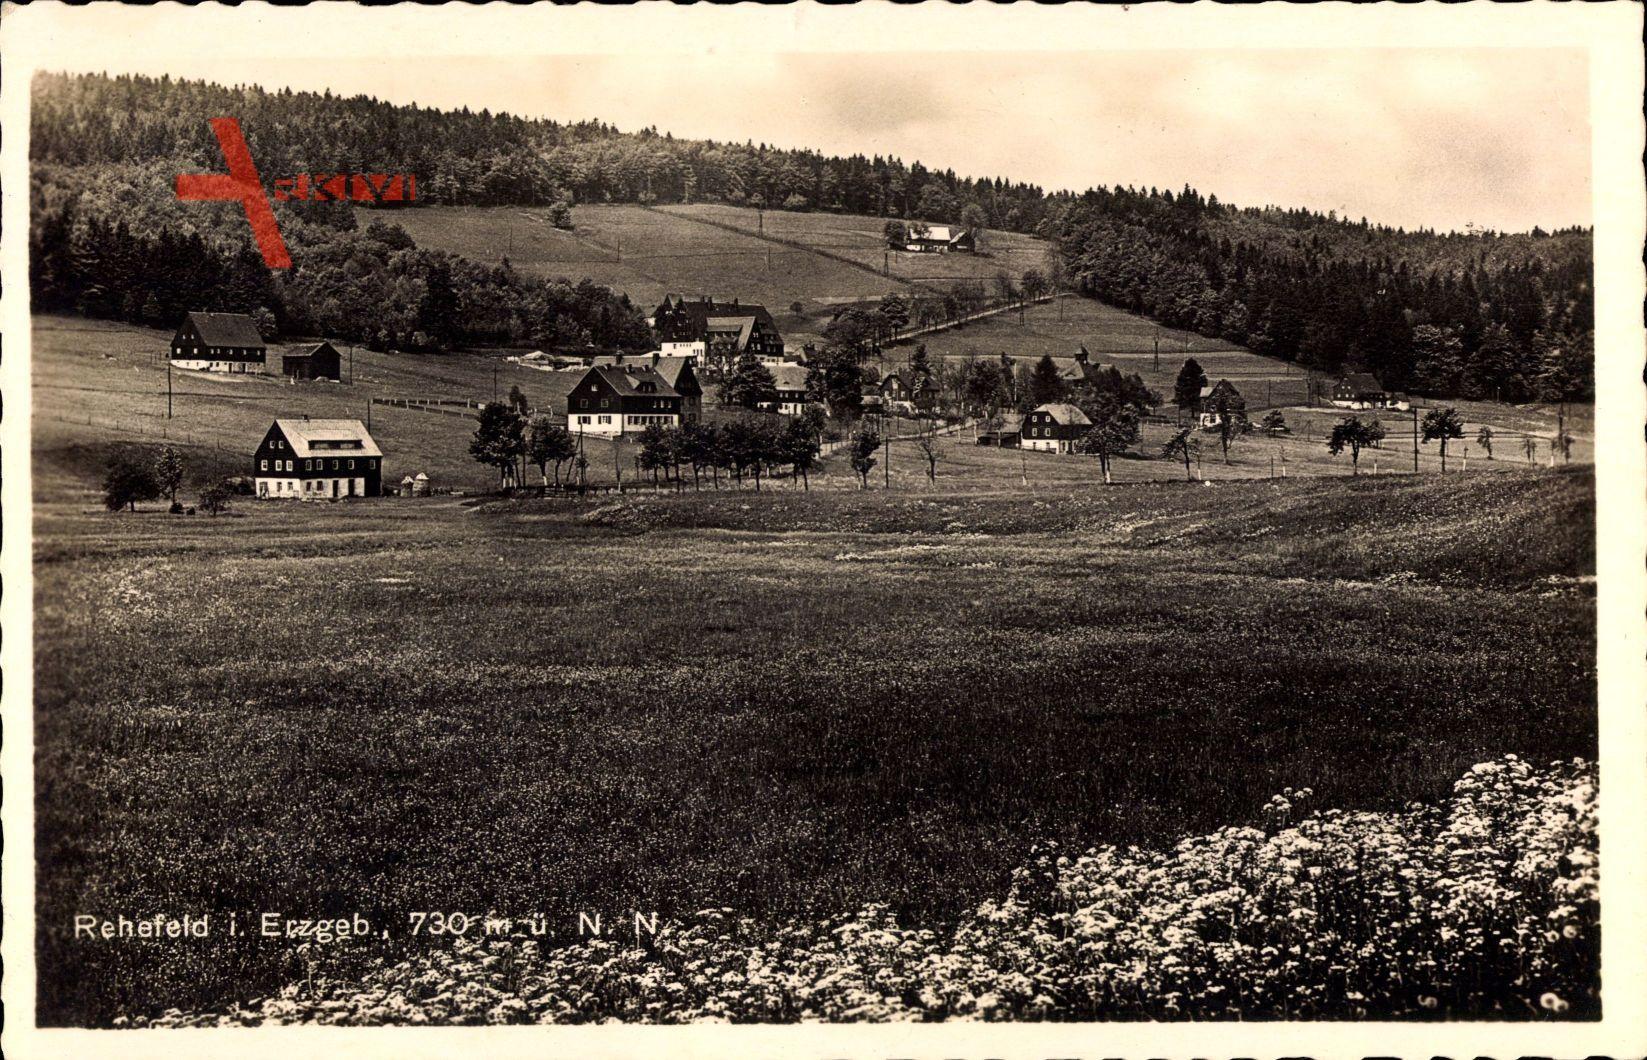 Rehefeld Zaunhaus Altenberg Erzgebirge, Siedlung, Felder, Frühling